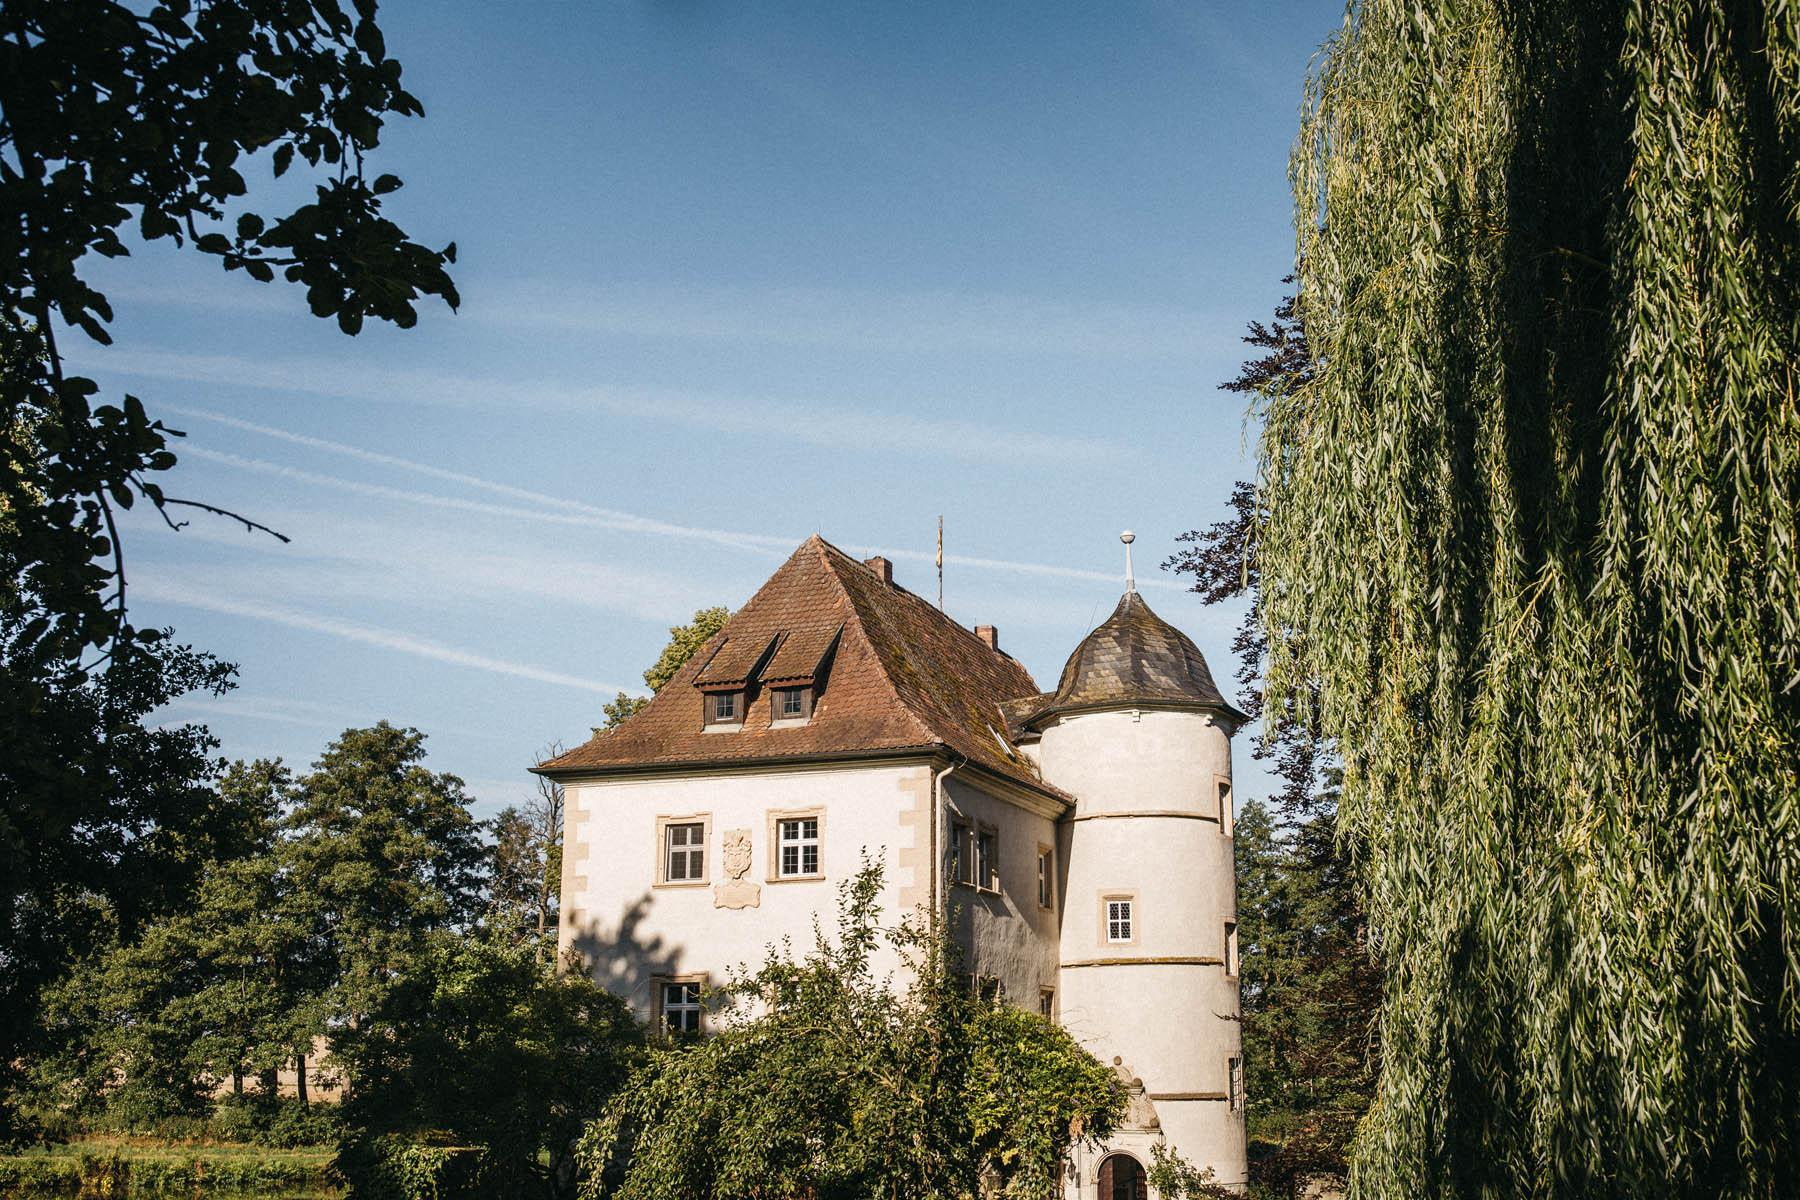 Die Hochzeitslocation Wasserschloss Kleinbardorf in Unterfranken | Raissa + Simon Fotografie